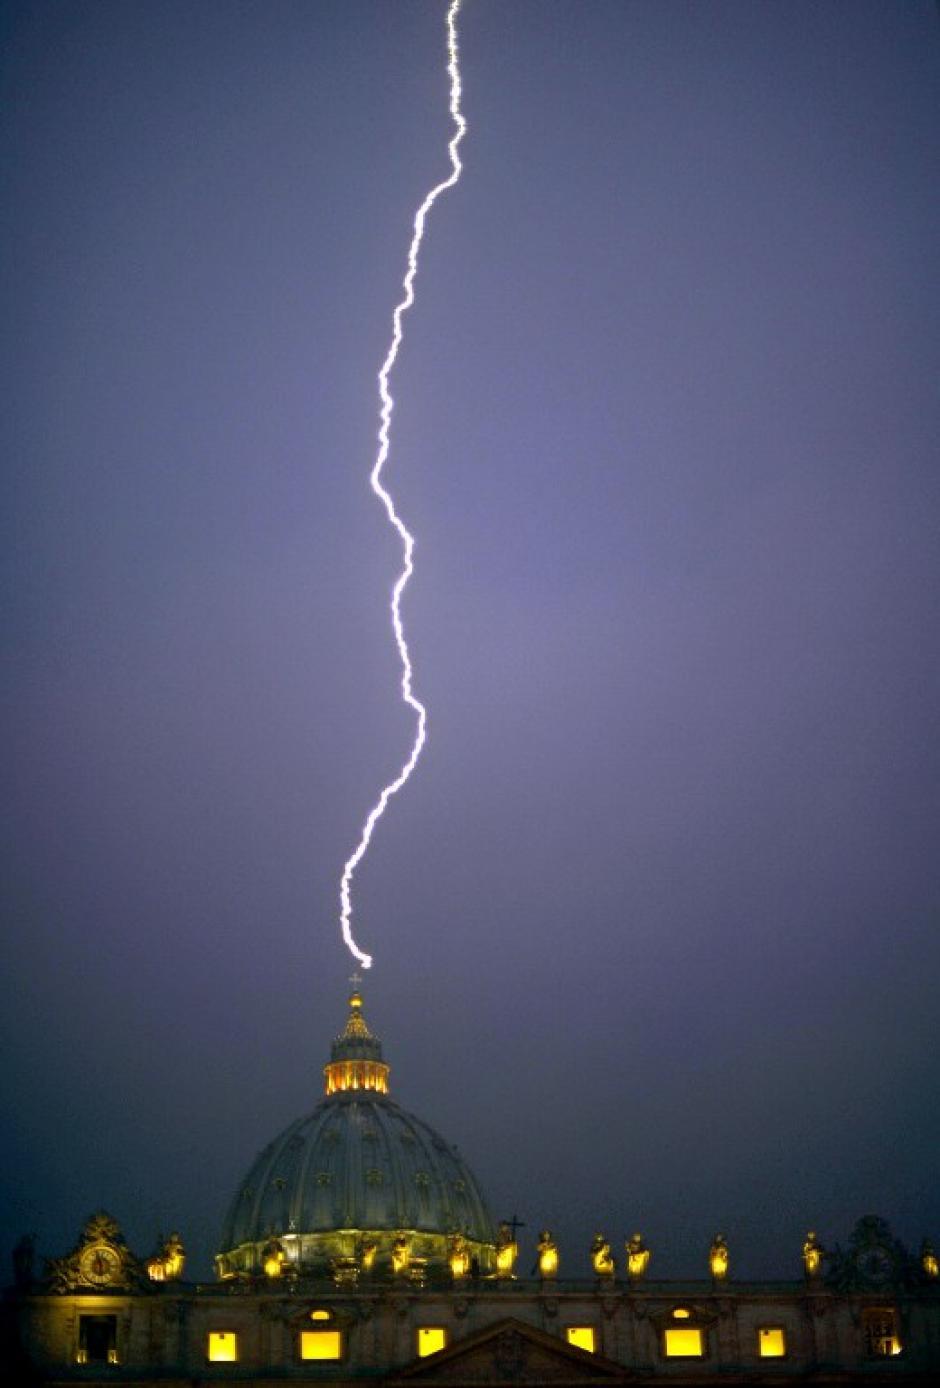 Un rayo cae sobre la cúpula de San Pedro en el Vaticano el 11 de febrero de 2013, el día que el Papa Benedicto XVI anunció que renunciaría como líder de los católicos del mundo. (Foto: AFP/FILIPPO MONTEFORTE)